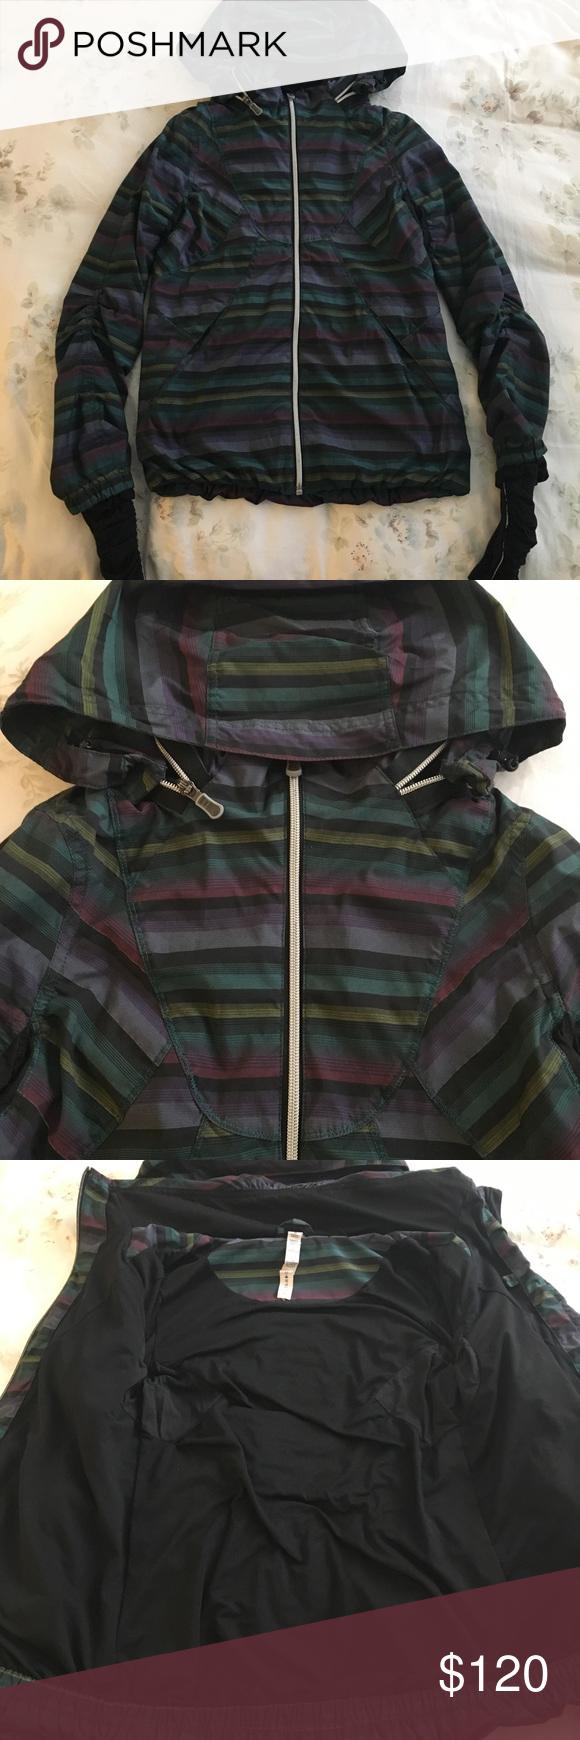 e713ec28401 Lululemon run hustle jacket Very good used condition! Super cute Lululemon  hustle jacket in multi